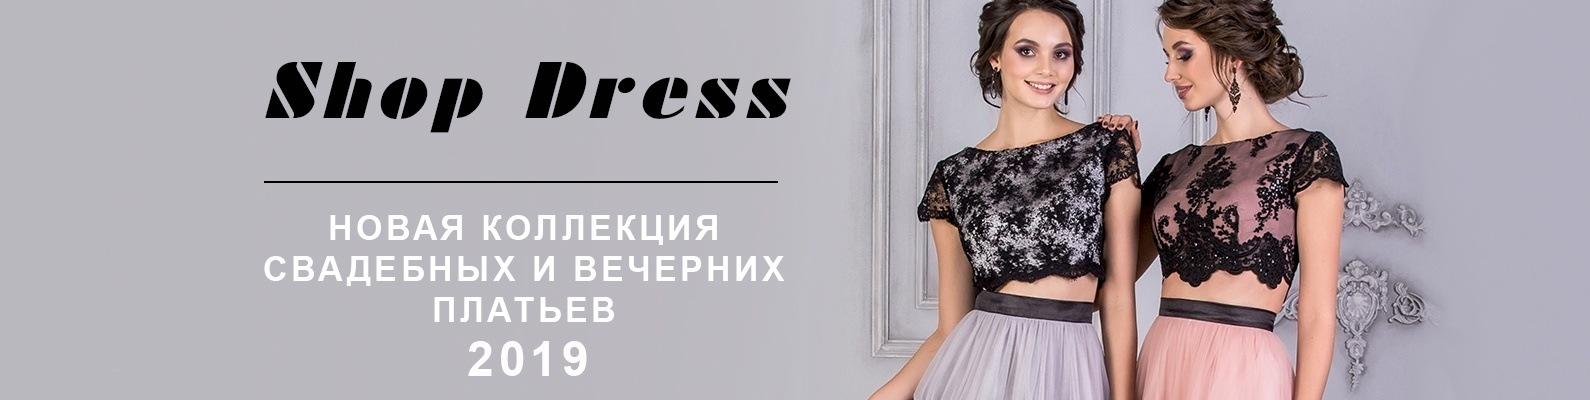 c330b243c8b Платья Ульяновск